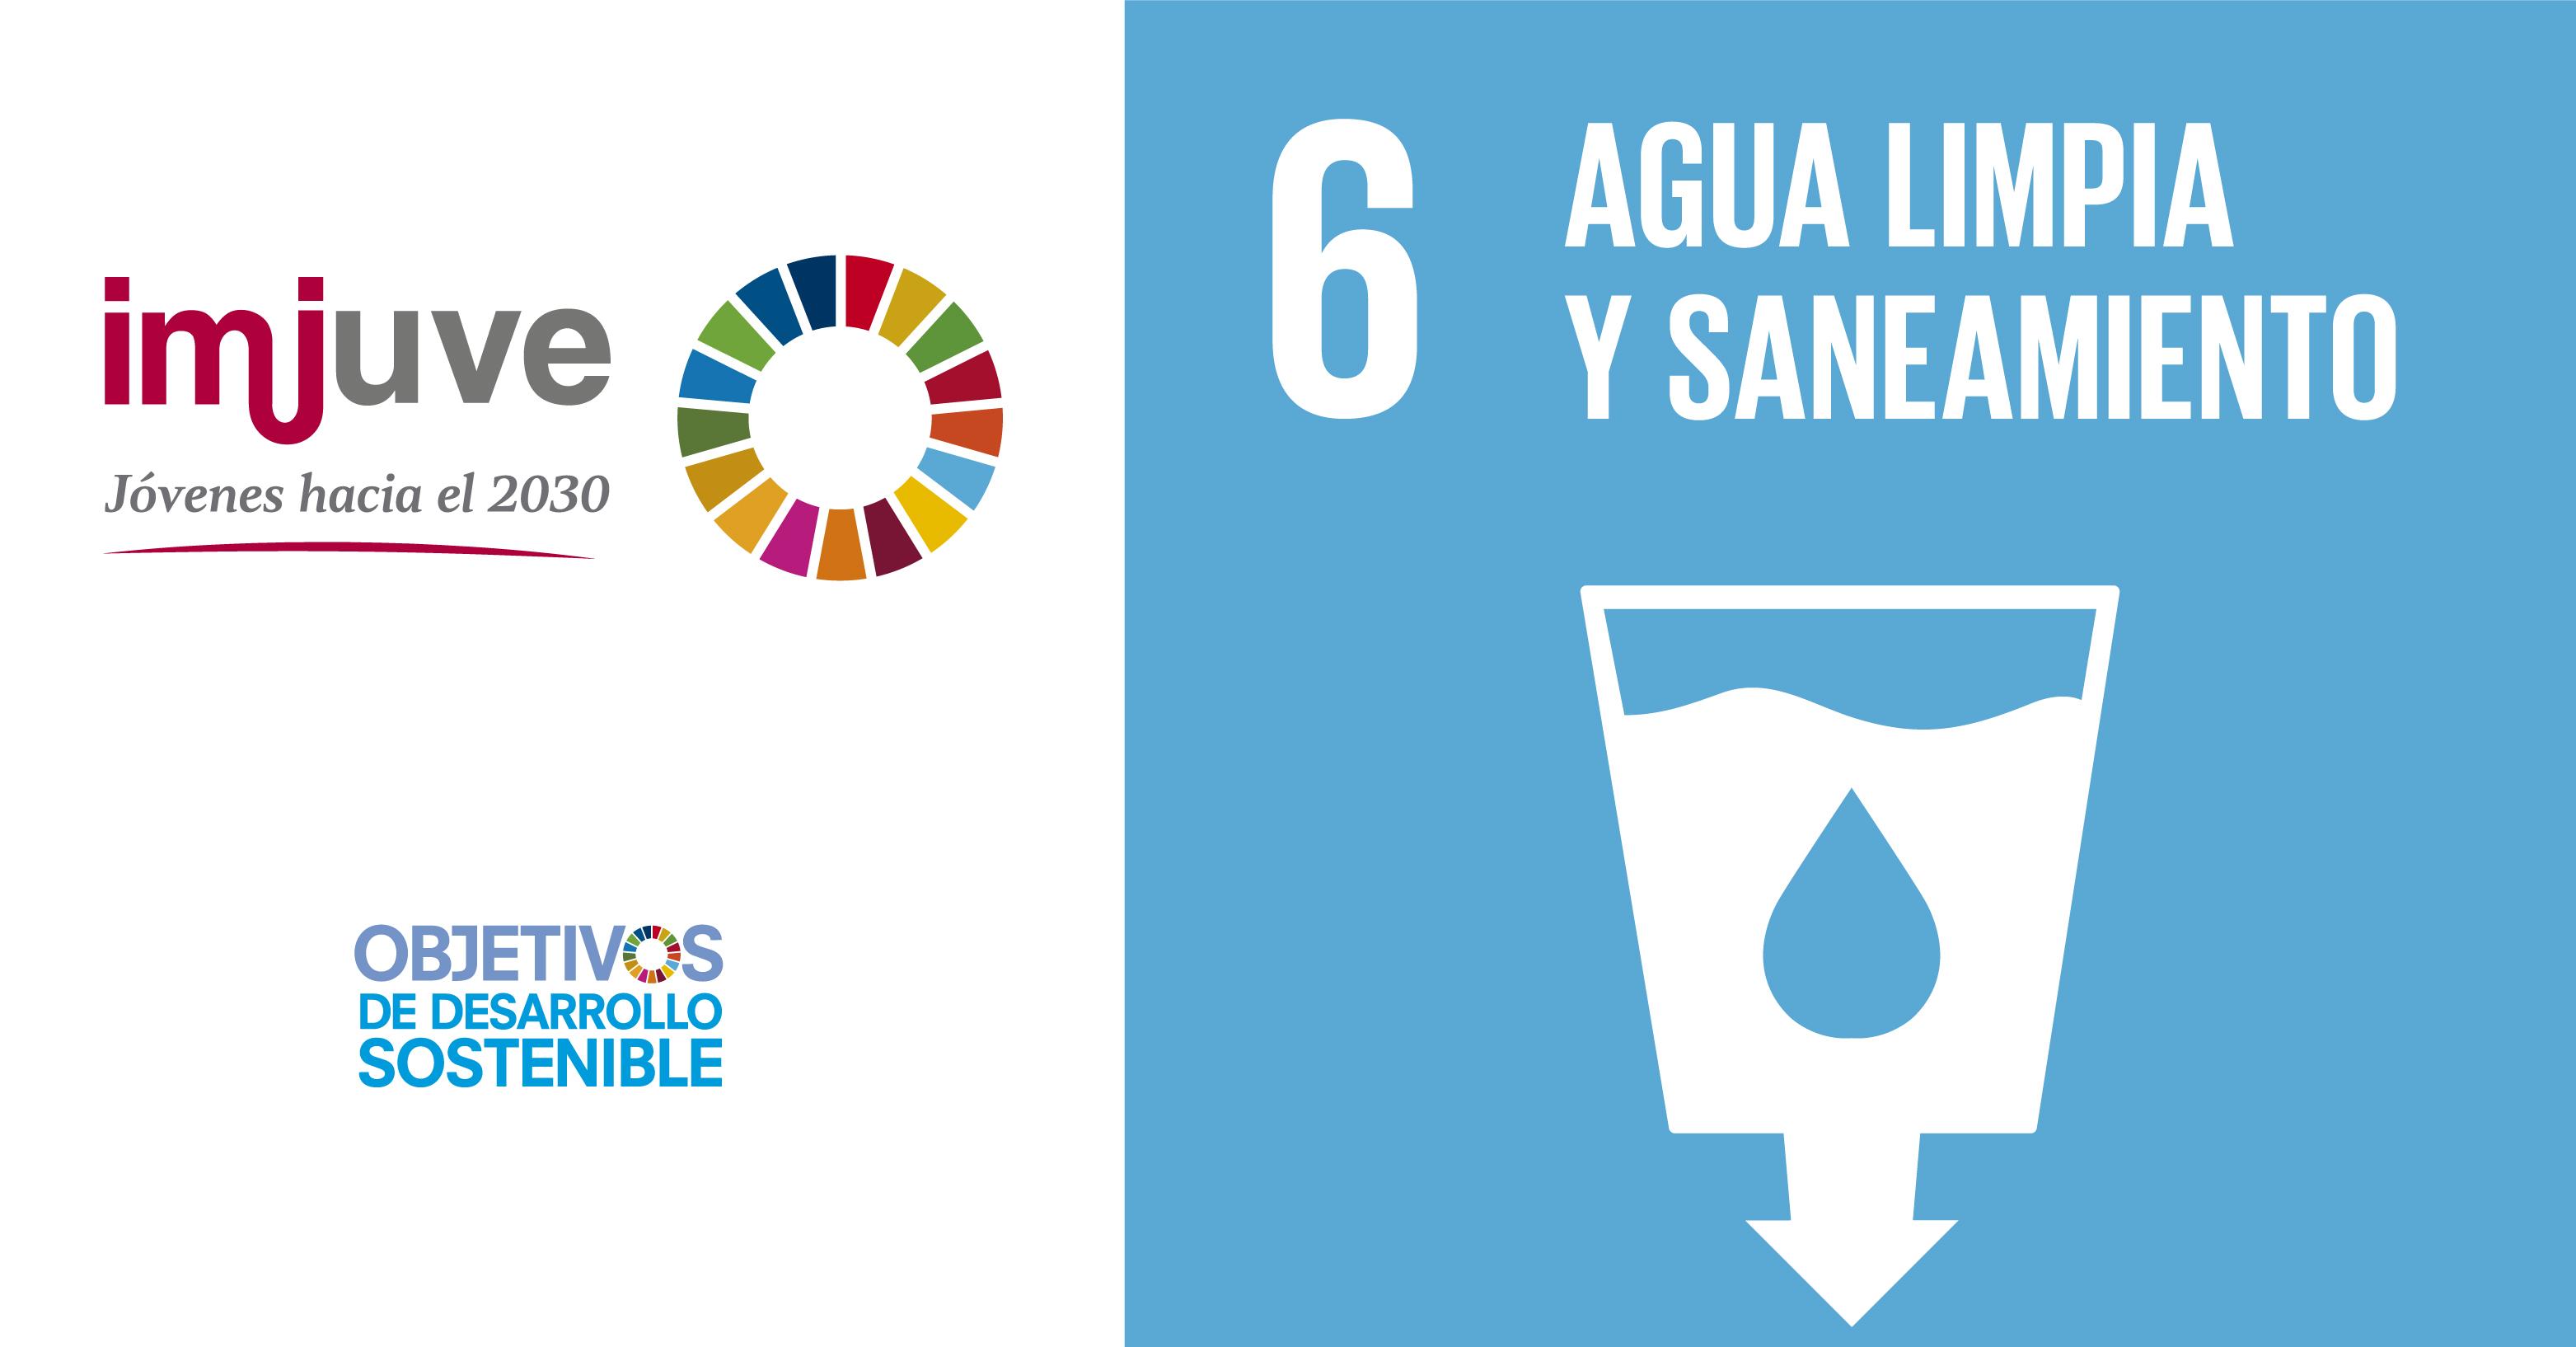 Instituto Mexicano de la Juventud, seis agua limpia y saneamiento